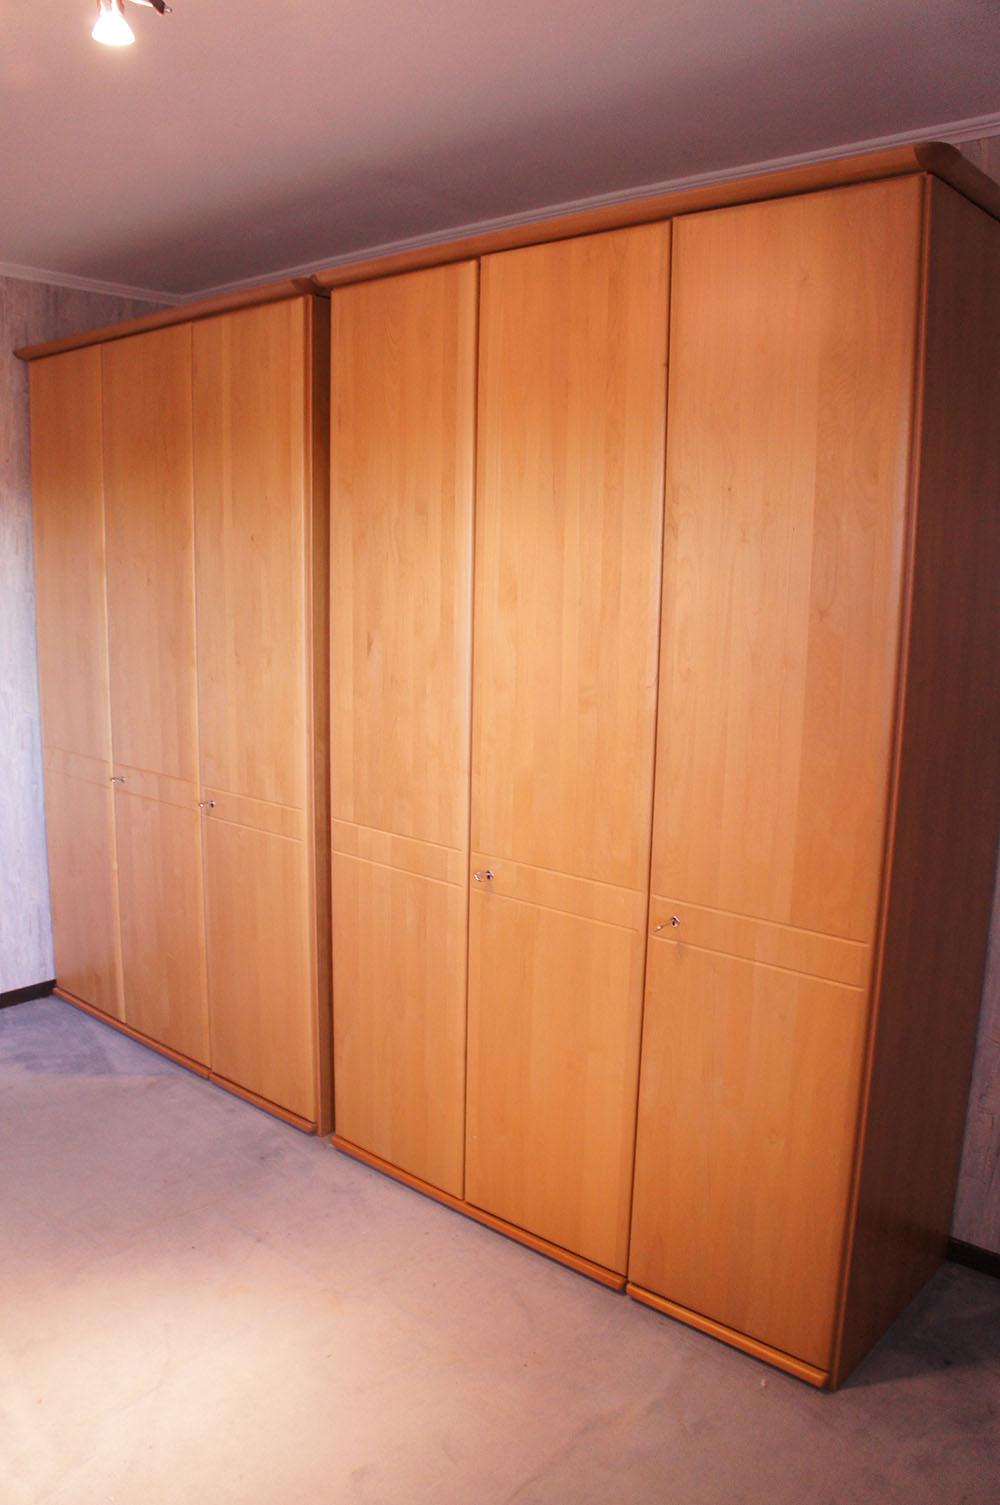 2 x kleiderschrank schrank schlafzimmer buche ings 6. Black Bedroom Furniture Sets. Home Design Ideas